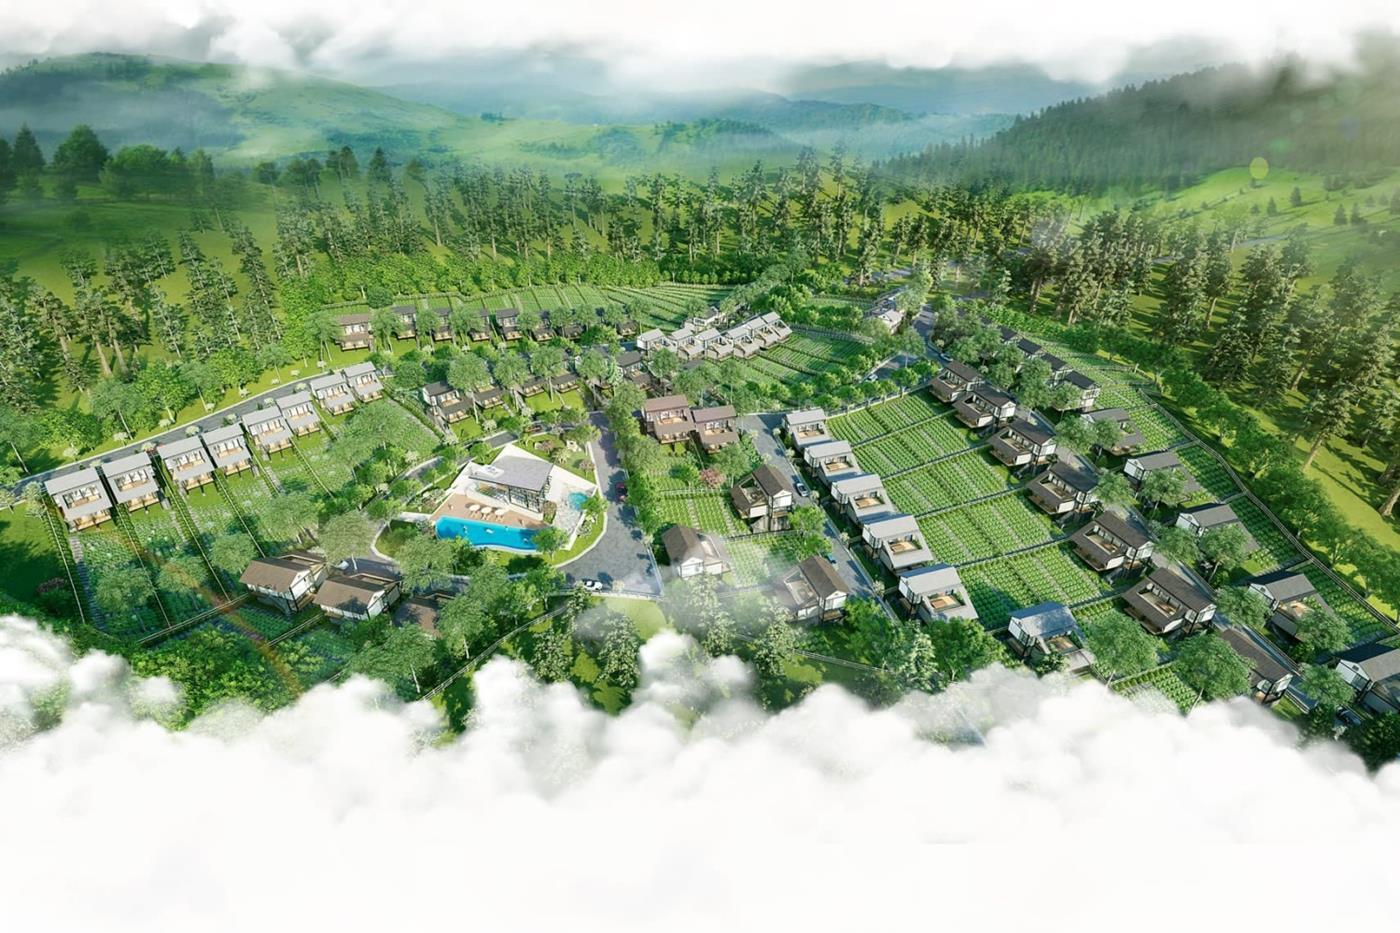 Tổng thể khu nghỉ dưỡng Panamera Bảo Lộc